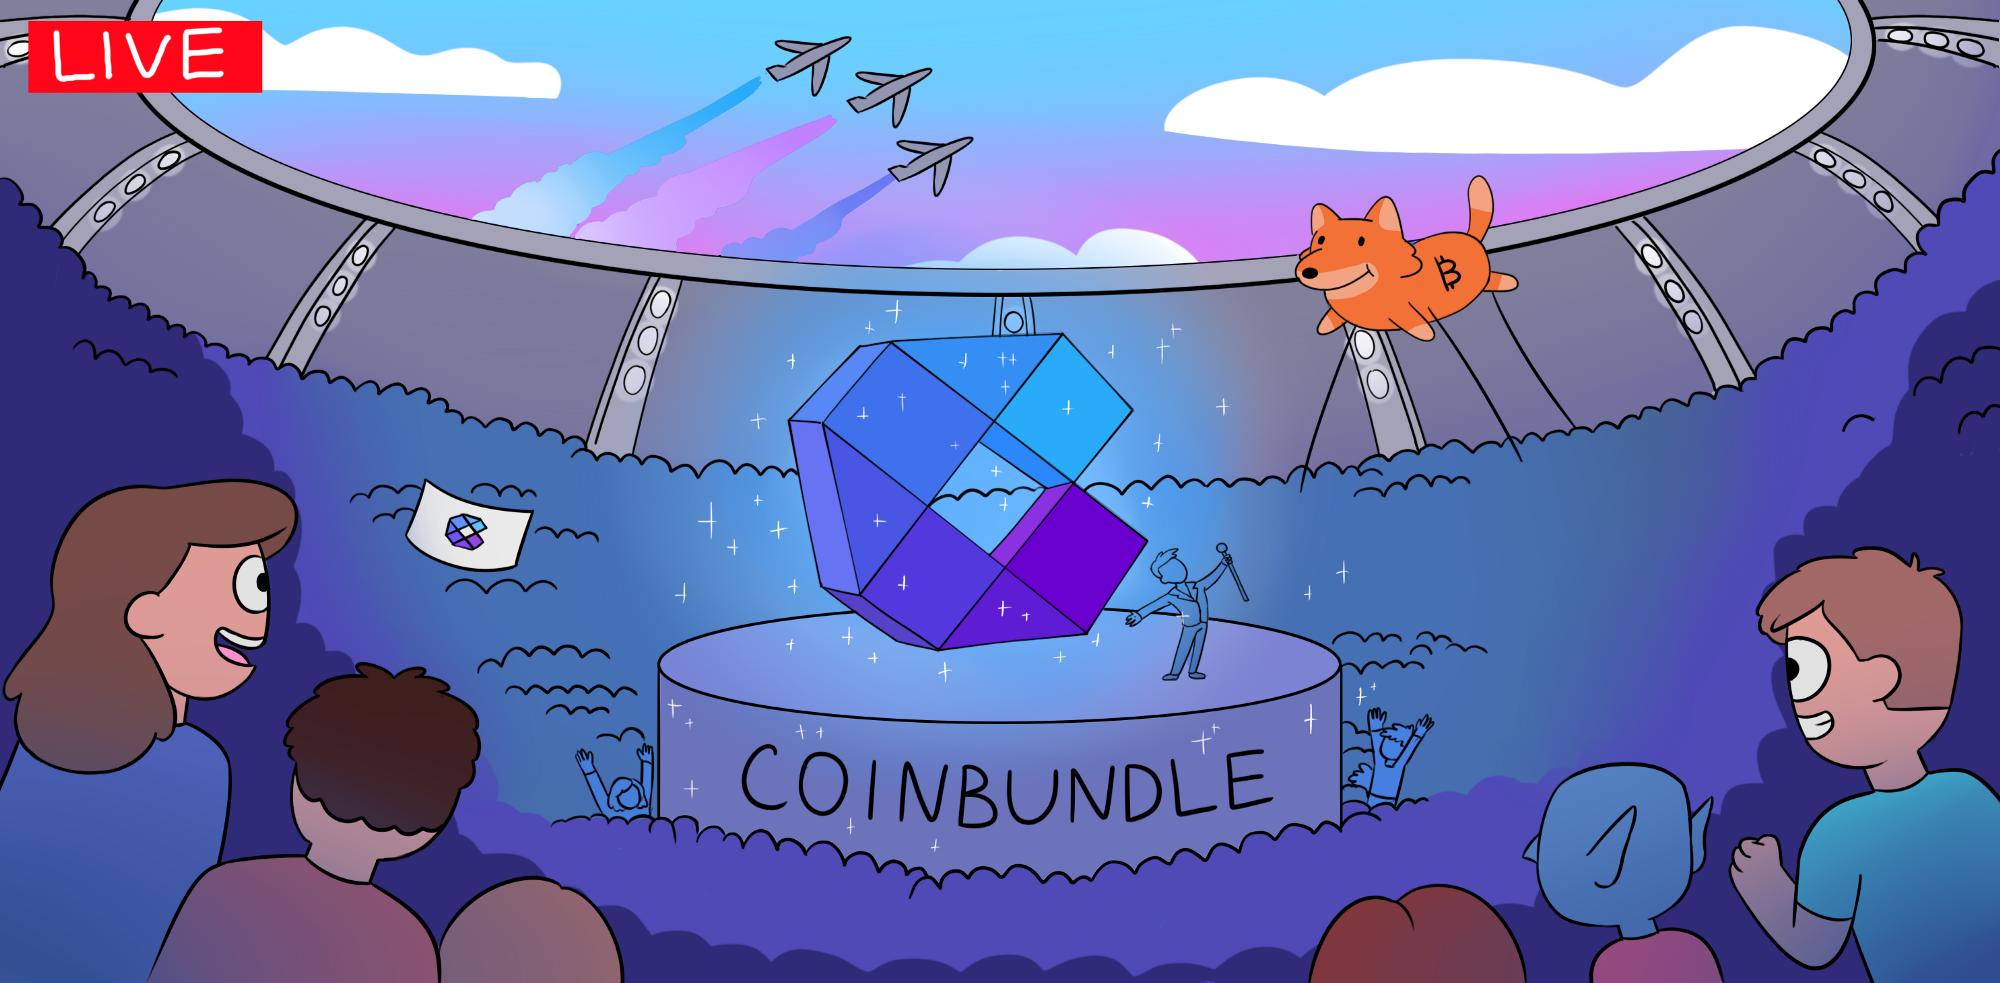 coinbundle